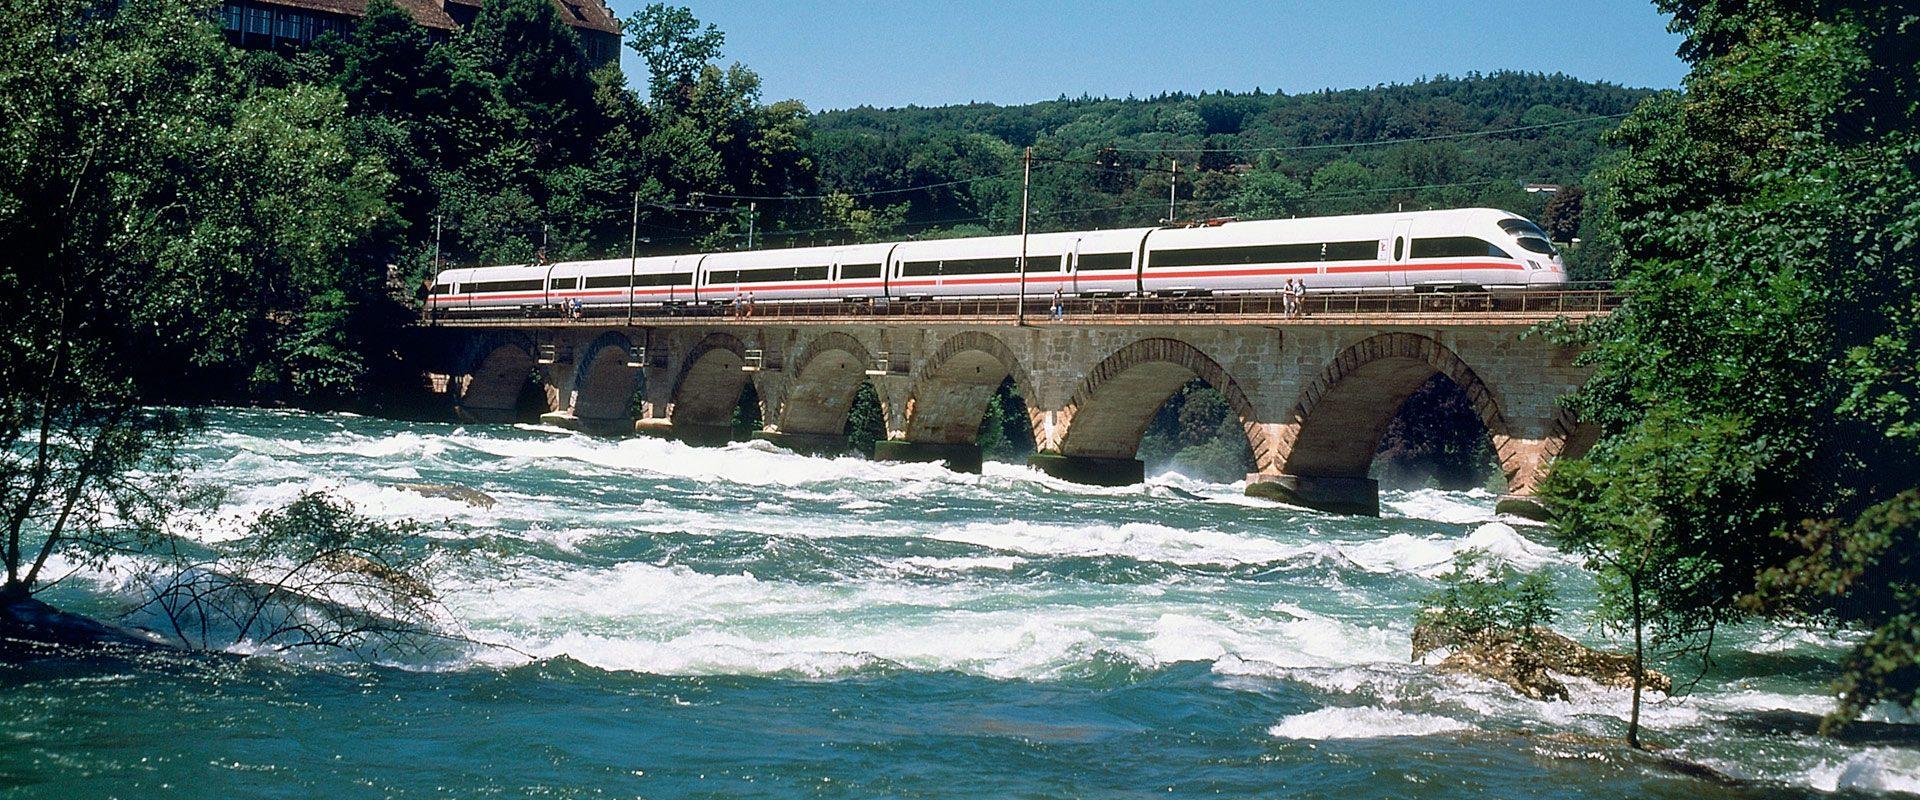 De Munique a Berlim de Trem